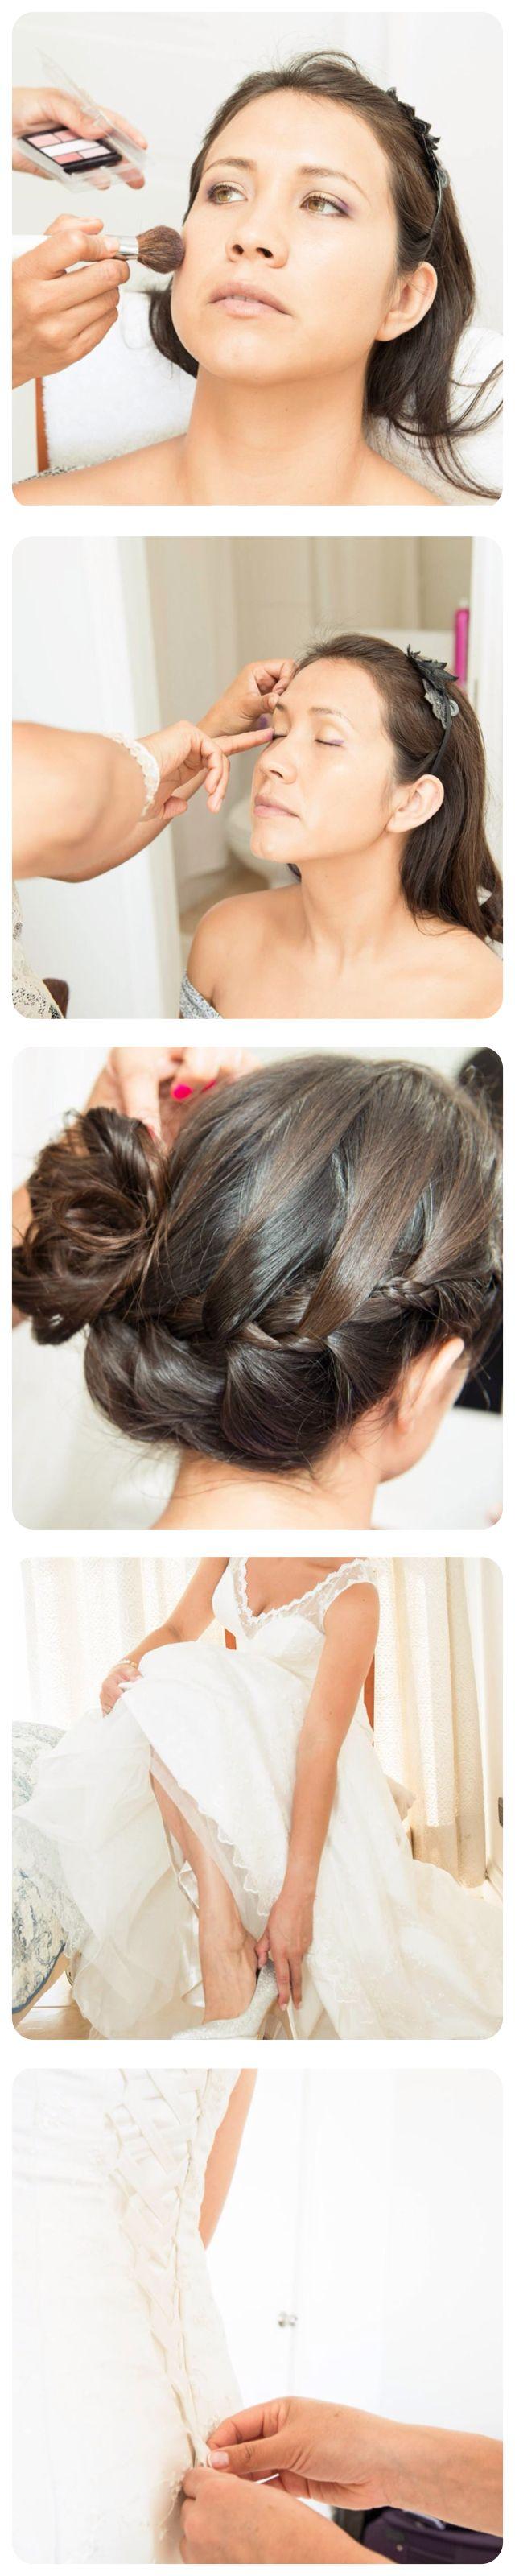 Preparación de la Novia. Peinado. Maquillaje. Bride makeup and hair